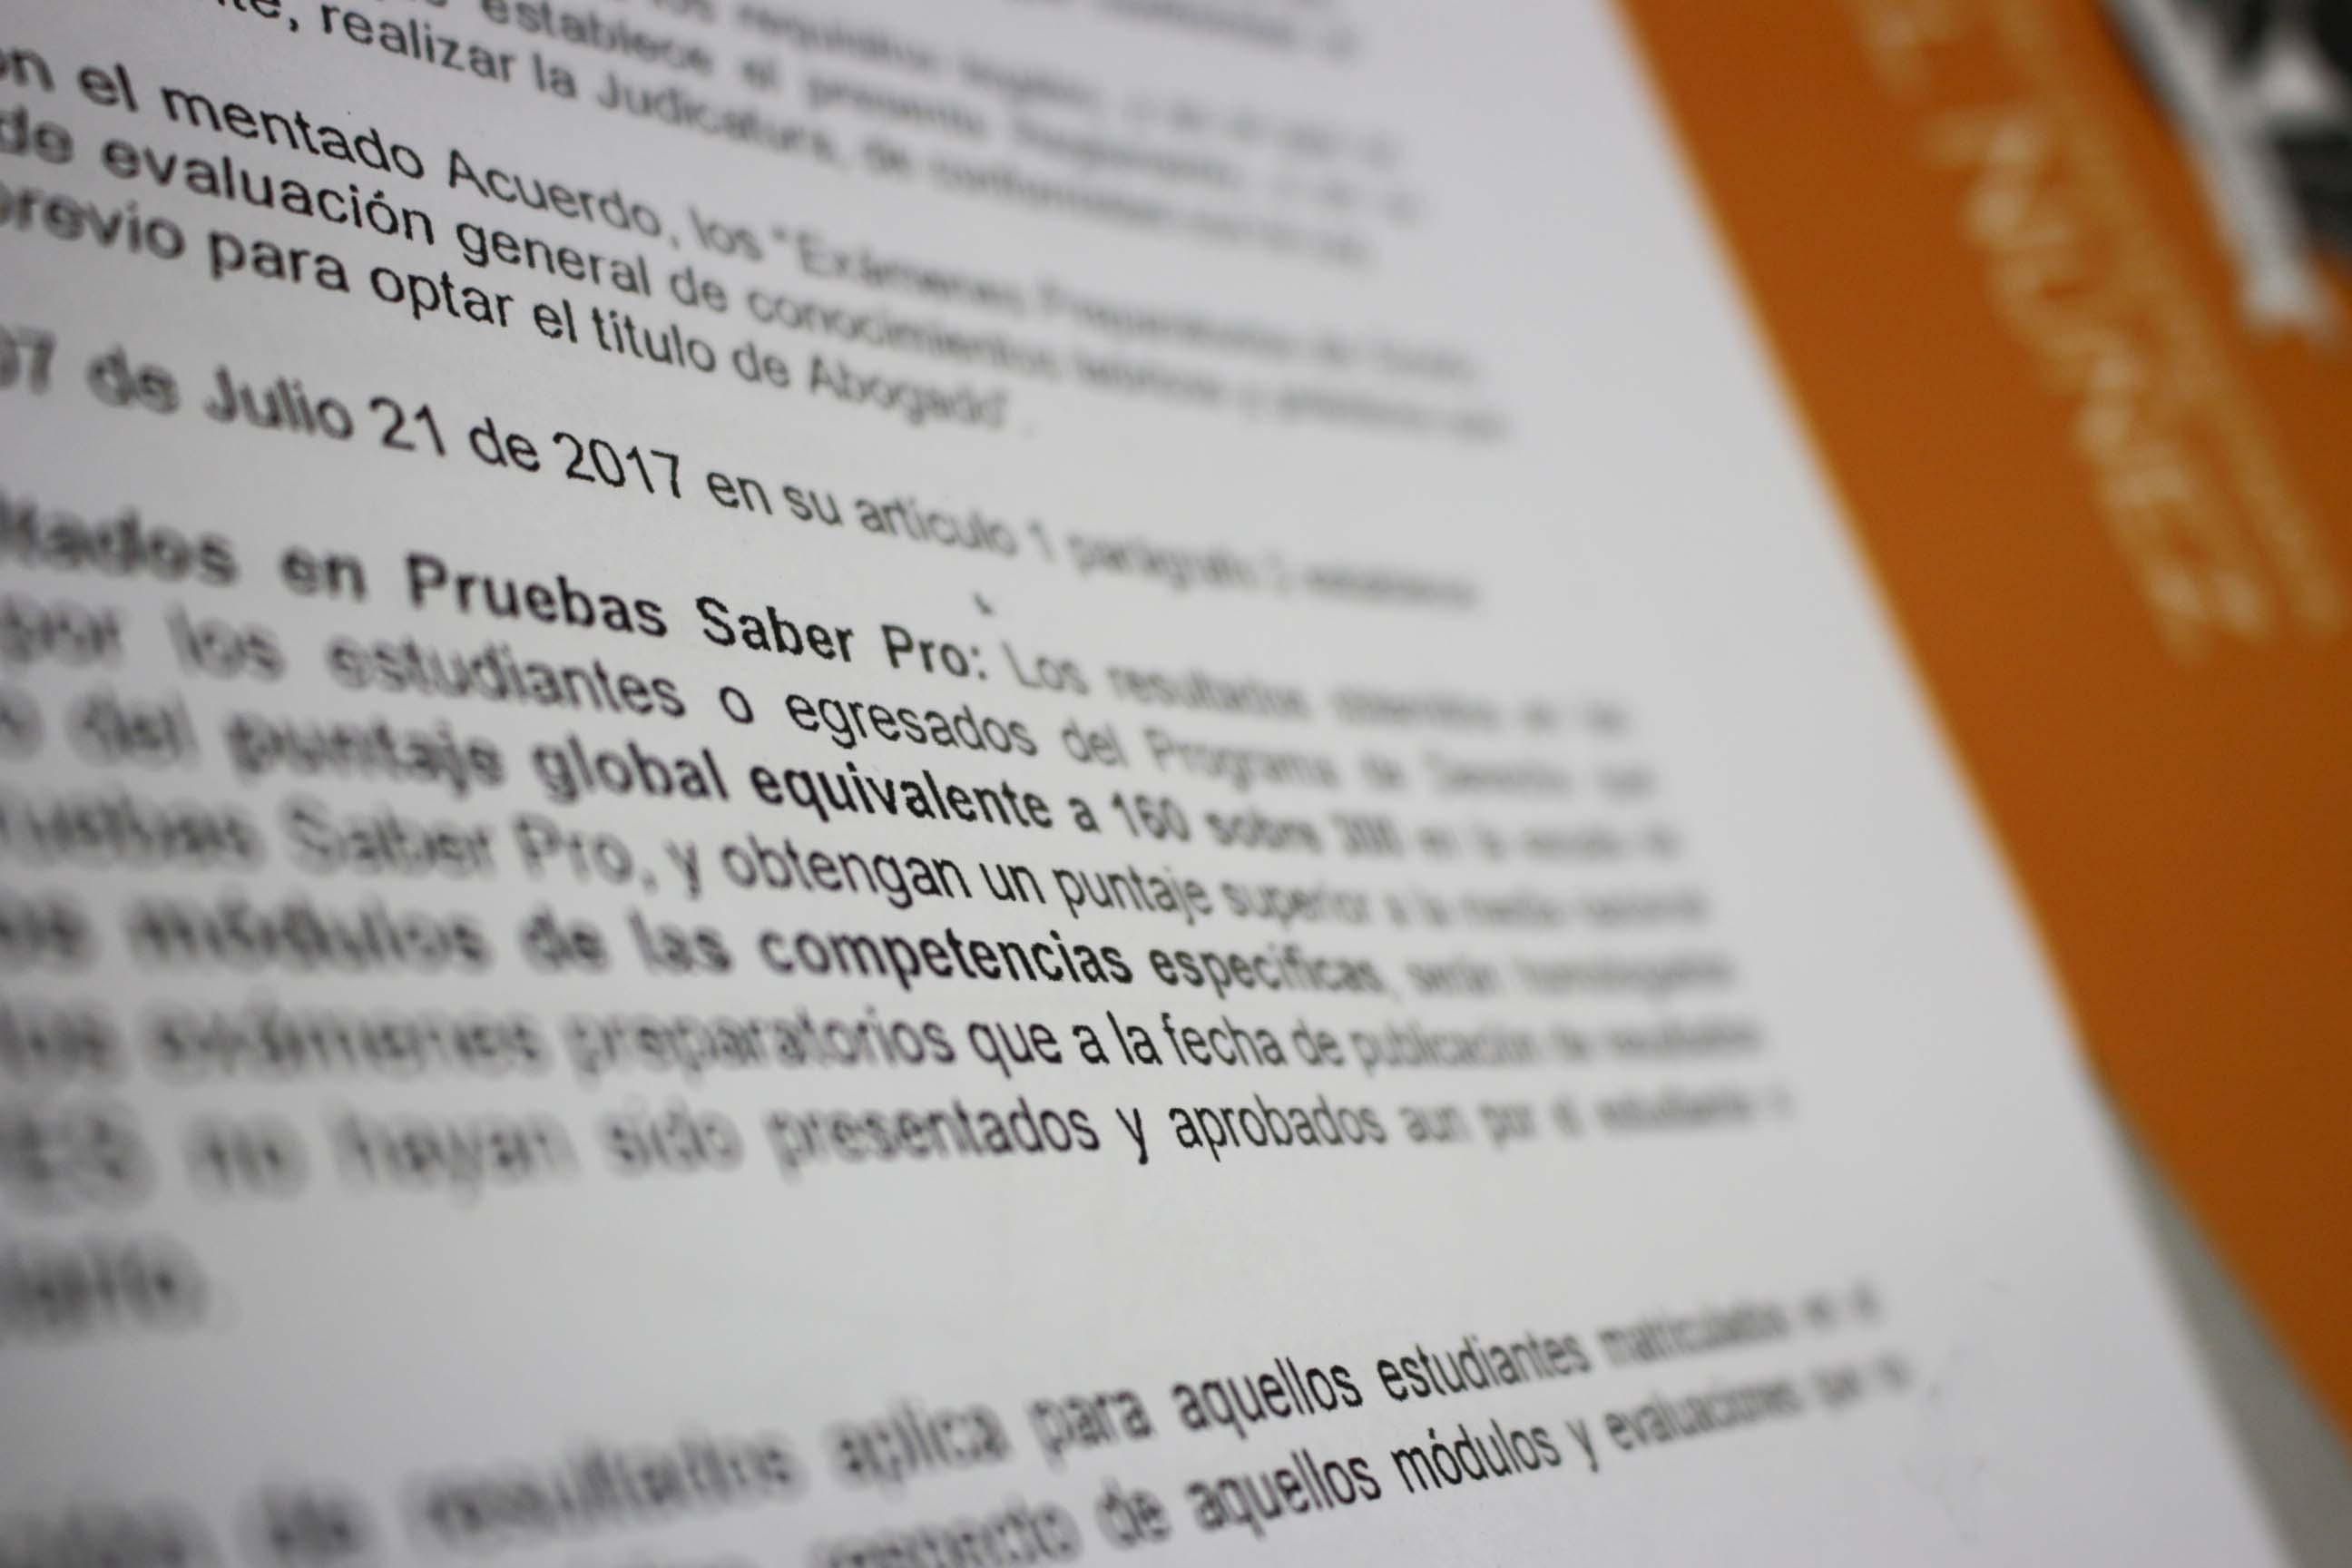 Reconocimiento de Estímulos por Pruebas Saber Pro: Programa de Derecho Cartagena